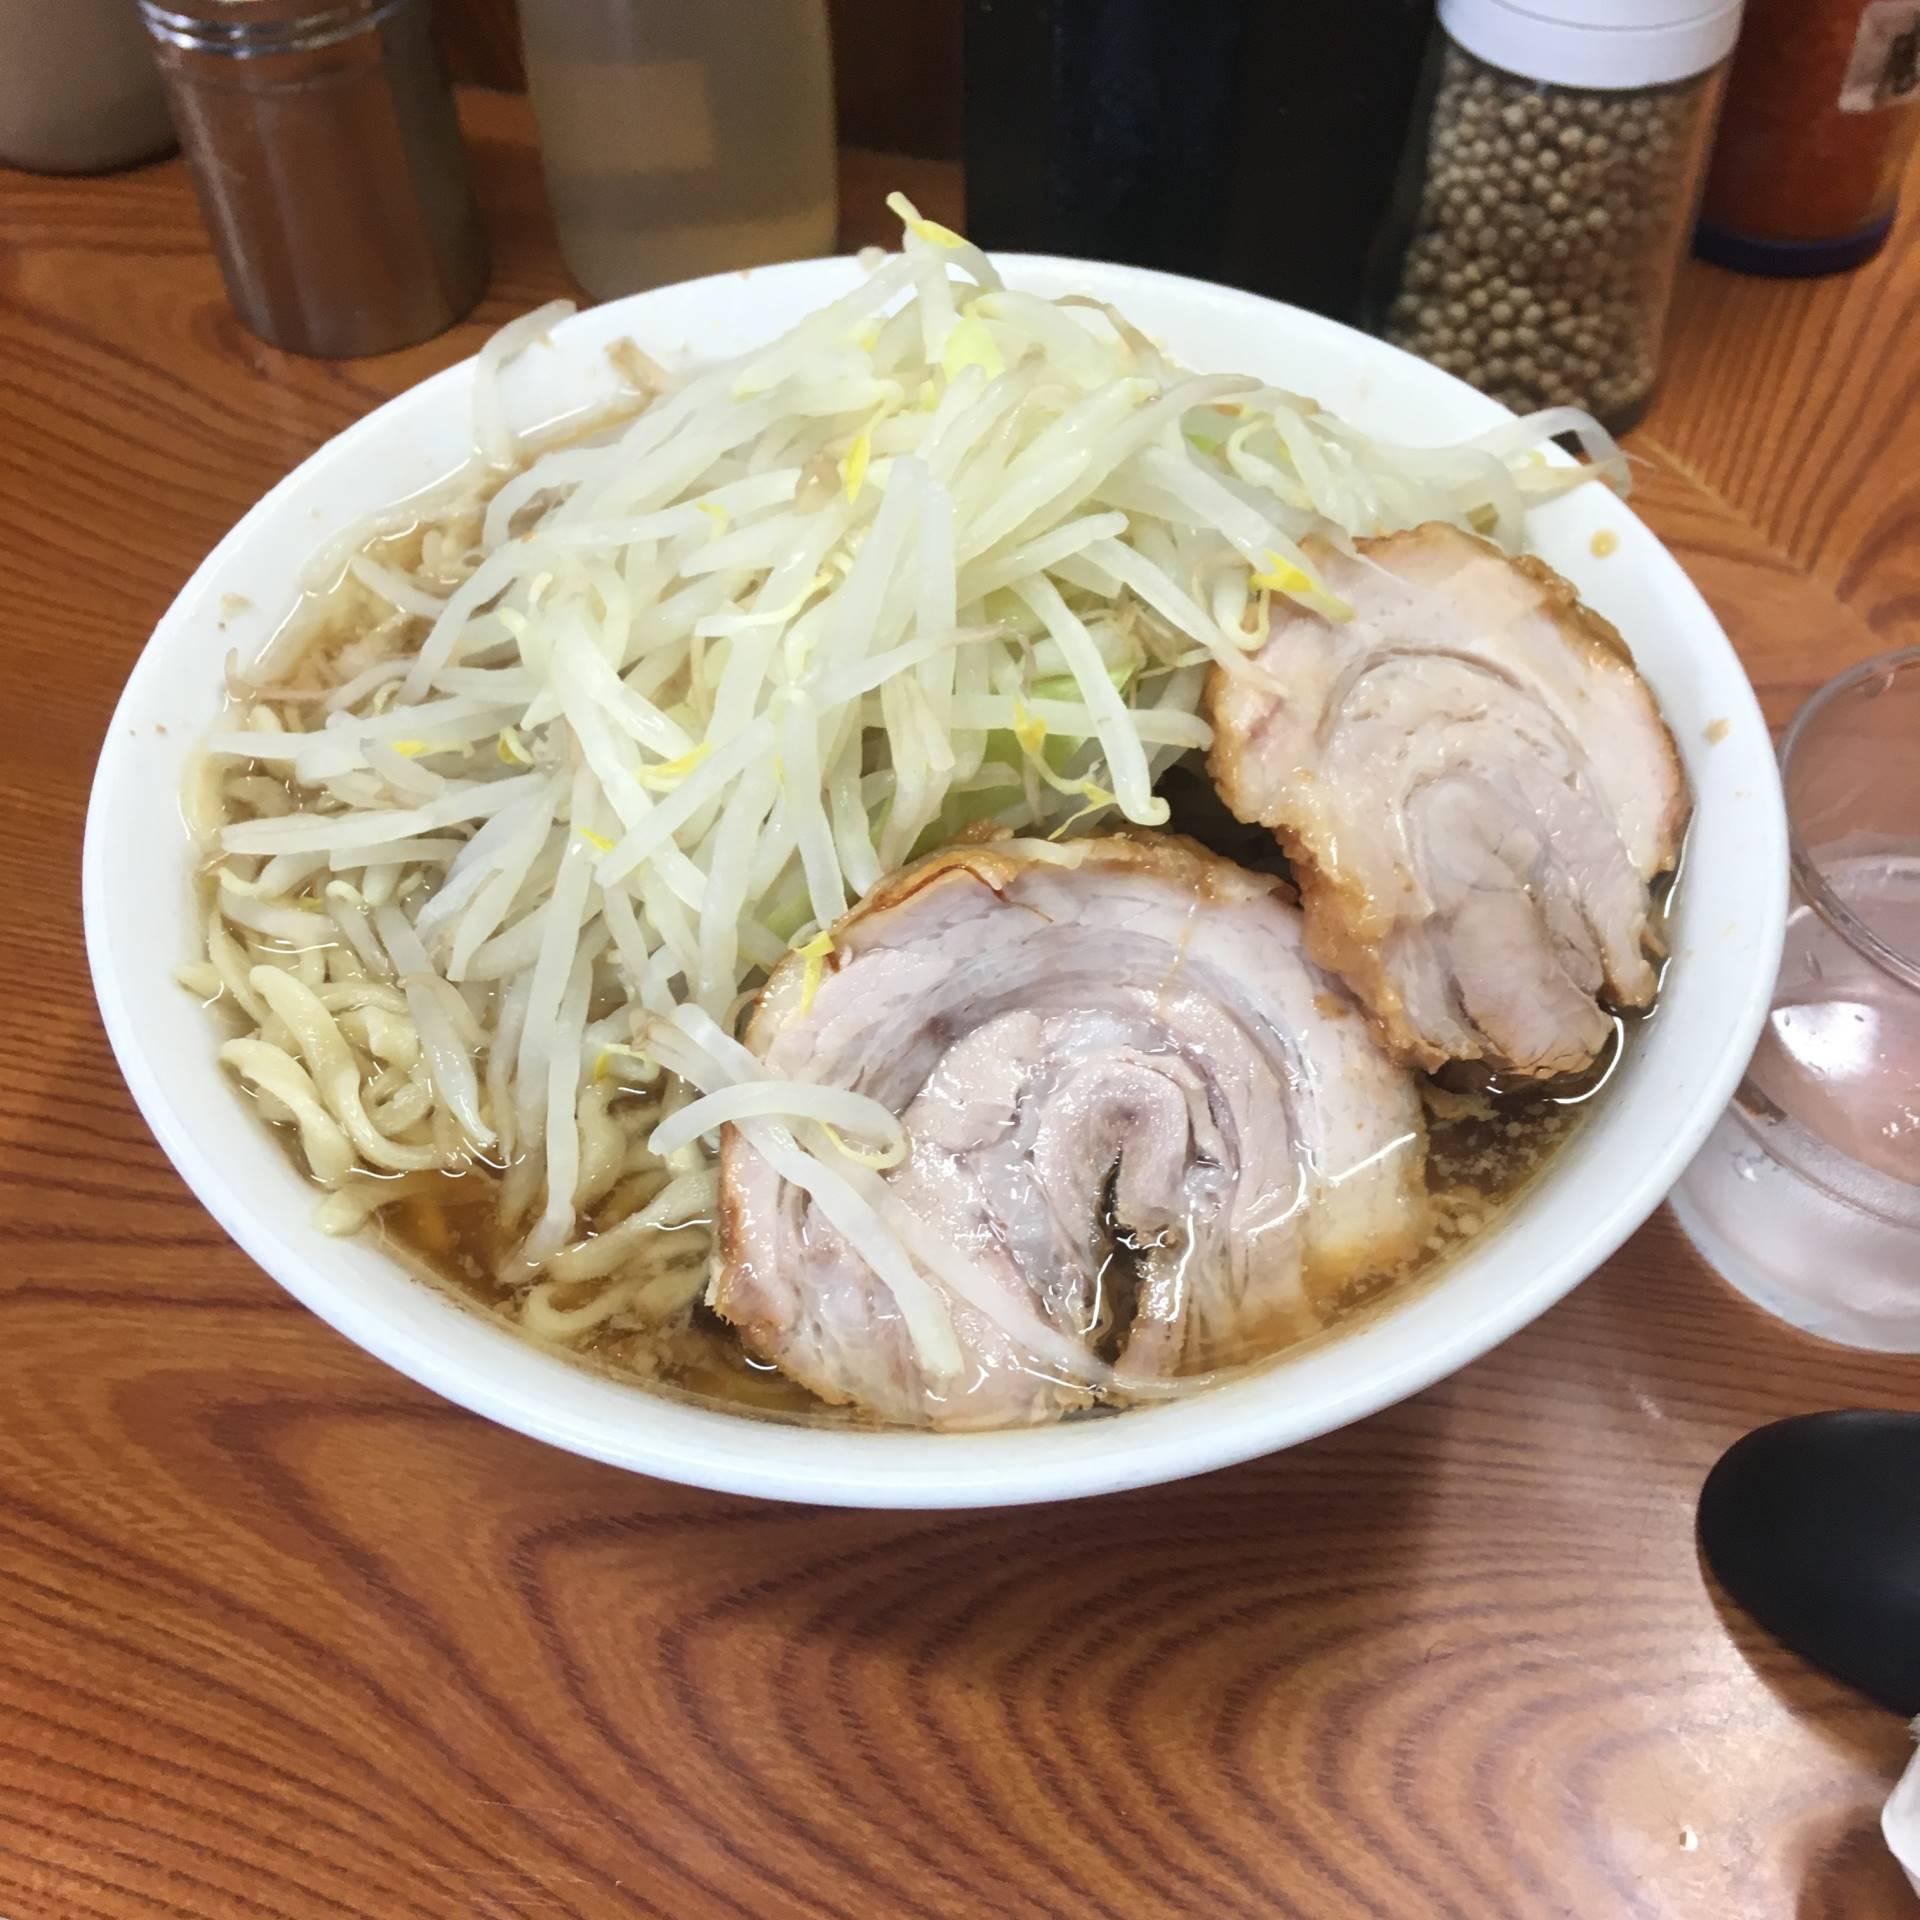 亀戸のラーメン二郎:食べたのはラーメン730円